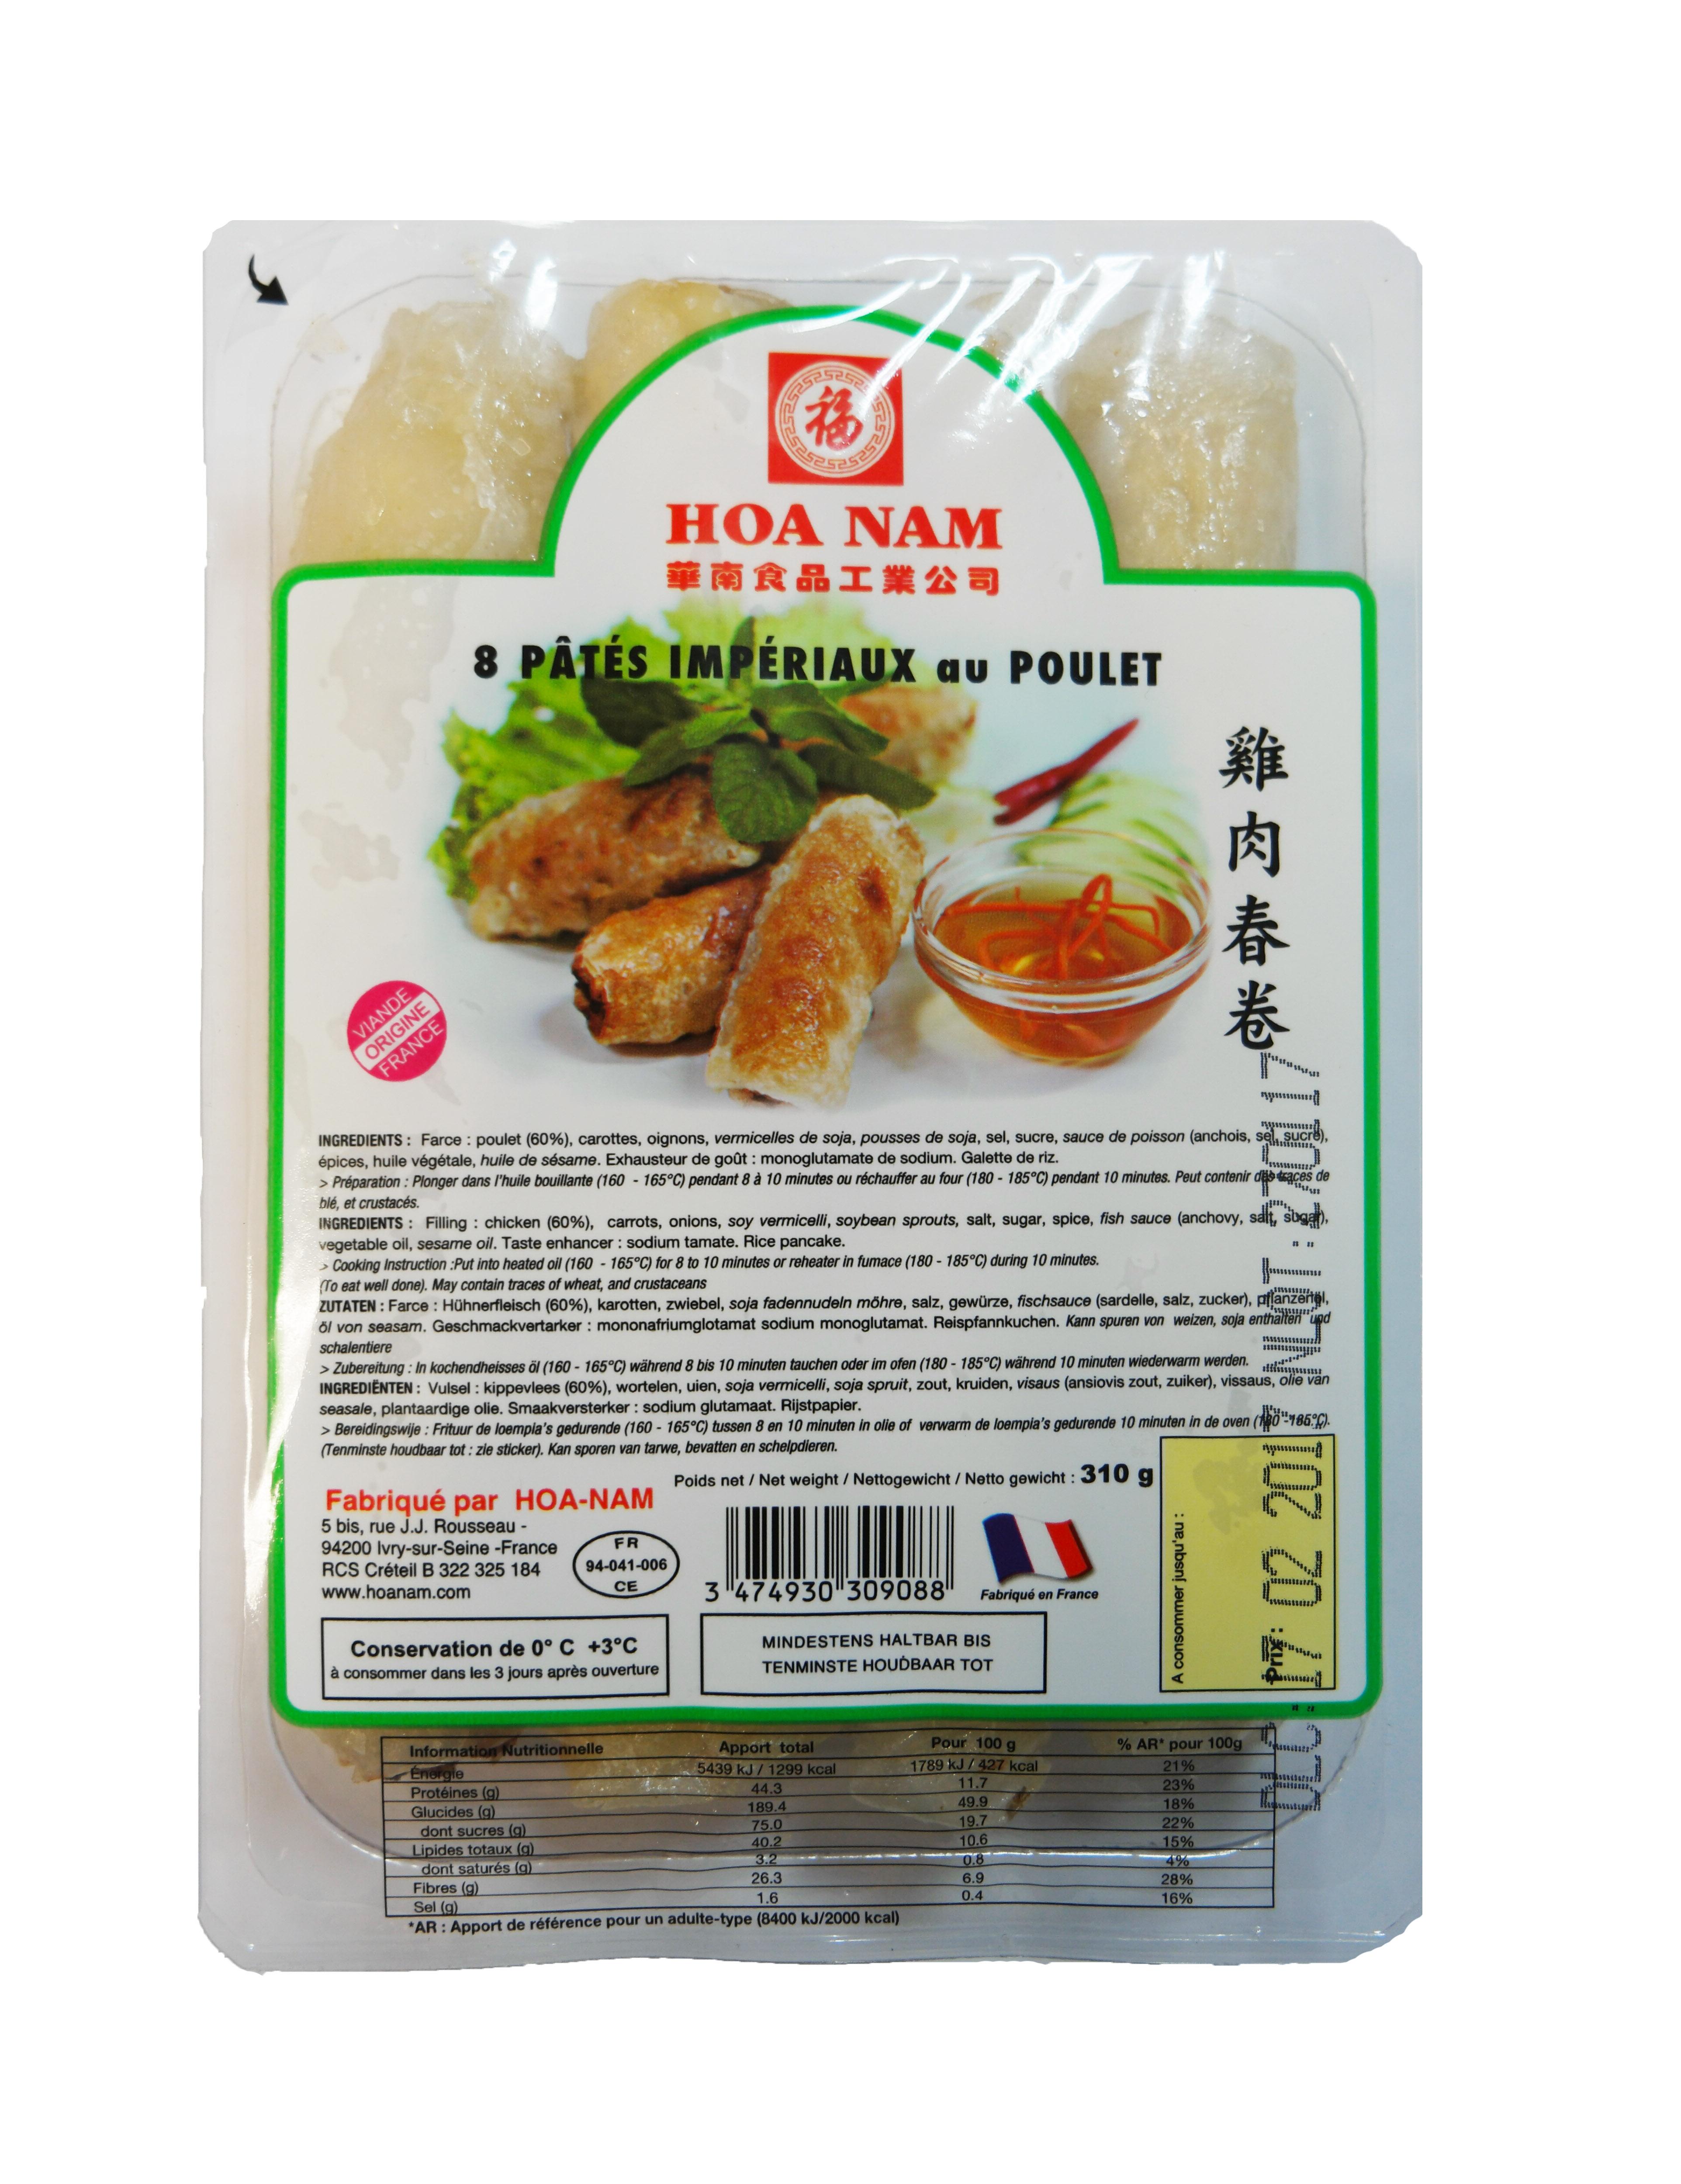 Nems (Pâtés impériaux) au poulet 40 pièces, Hoanam (1,5 kg)